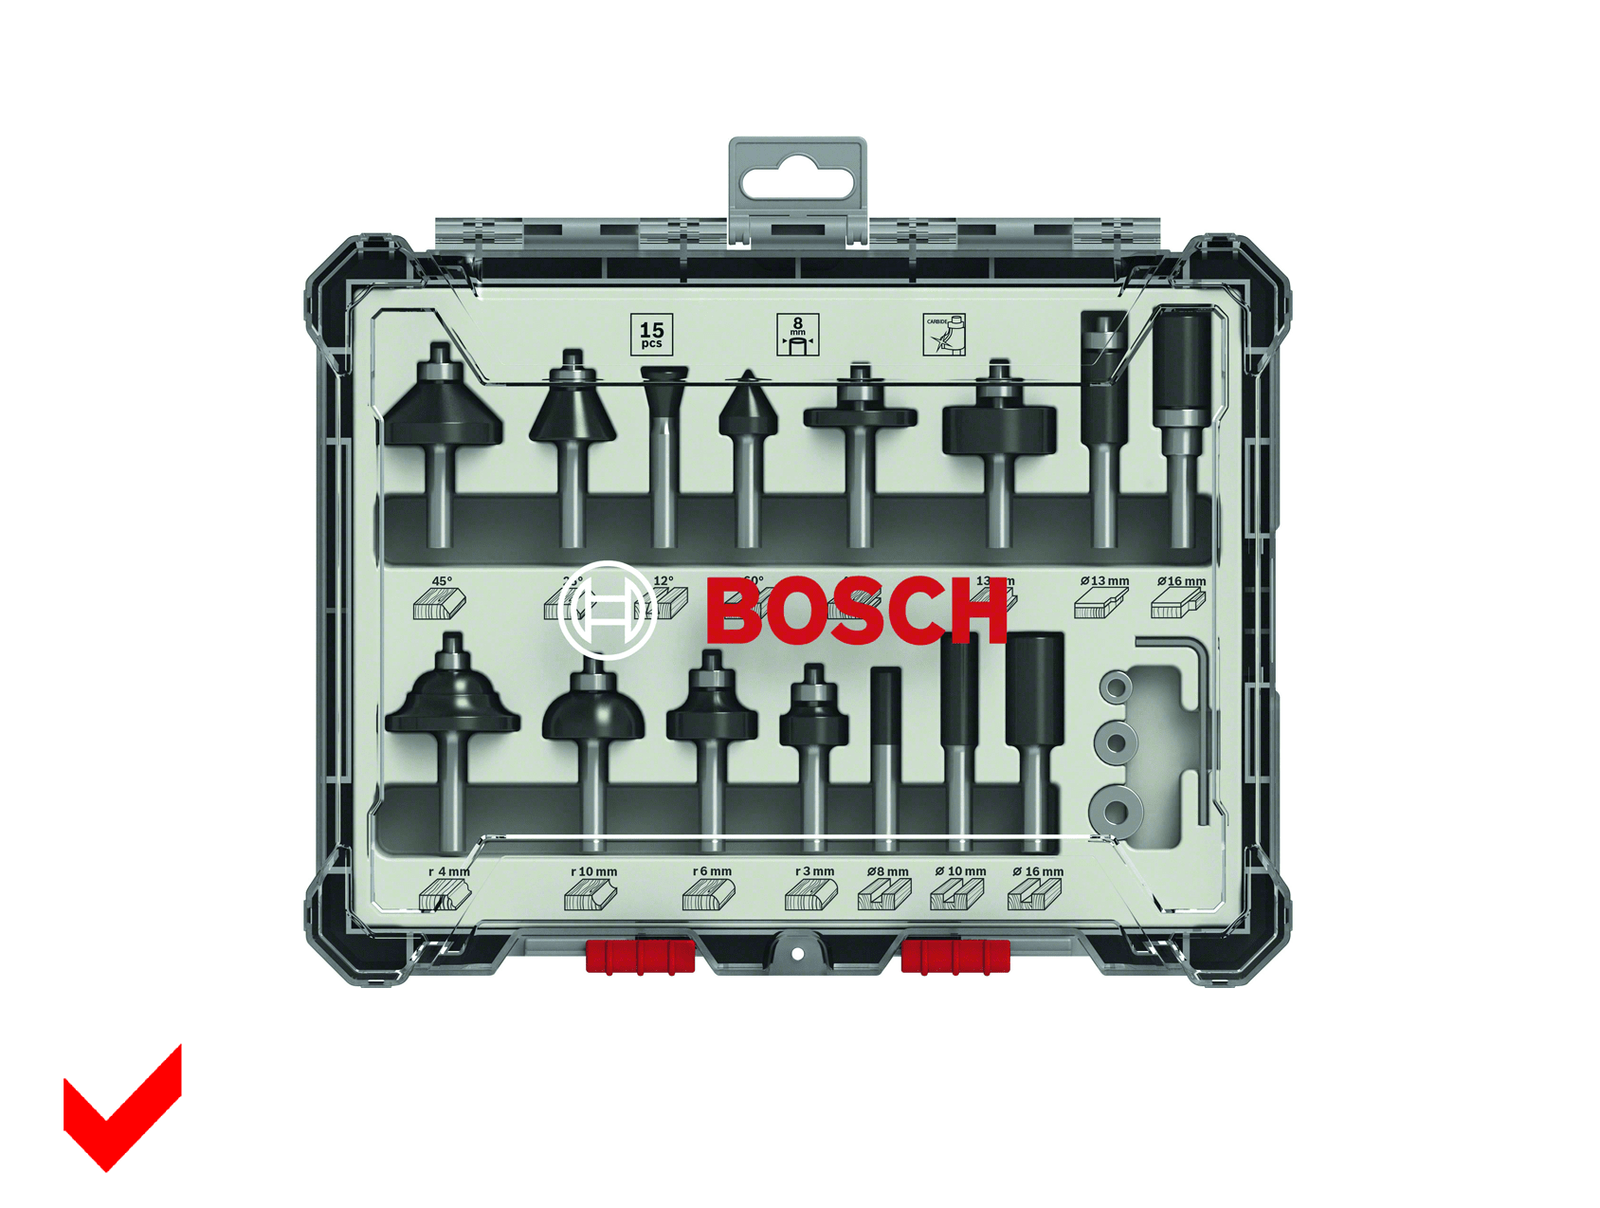 Bosch Fräser-Set 15-teilig Schaft 8mm 2607017472 für Oberfräse